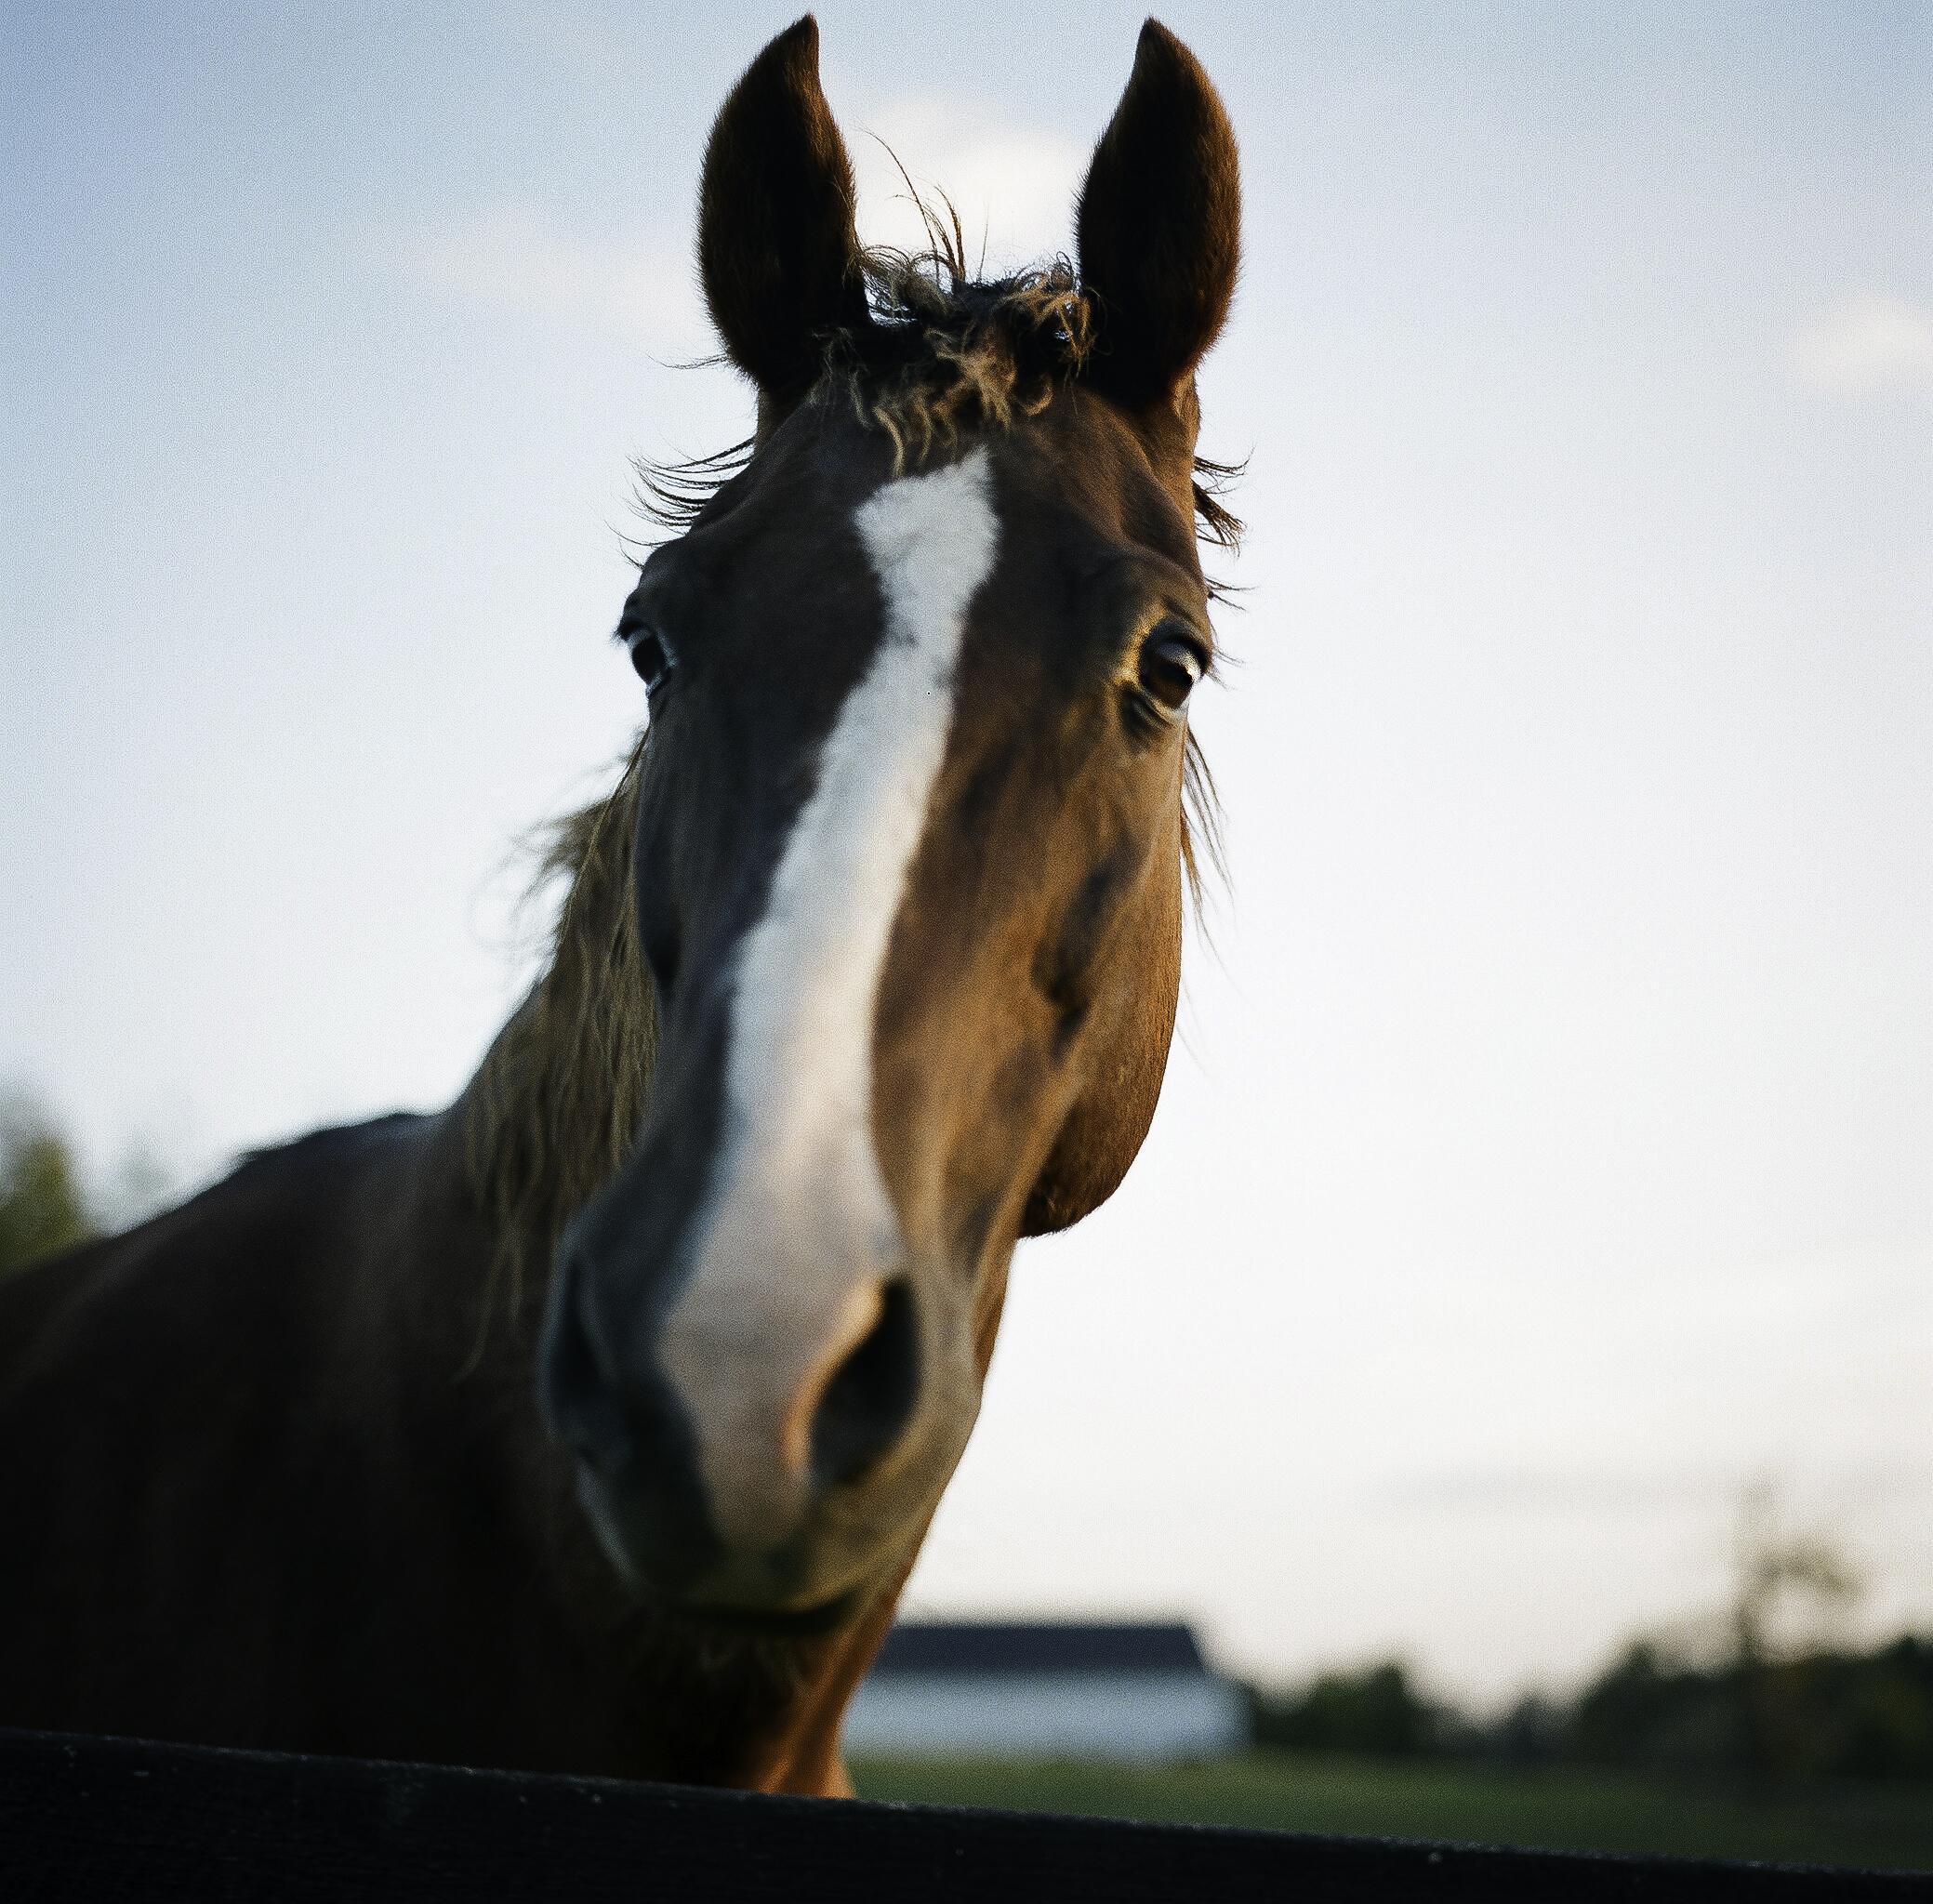 Horse at Walnut Way / Kentucky